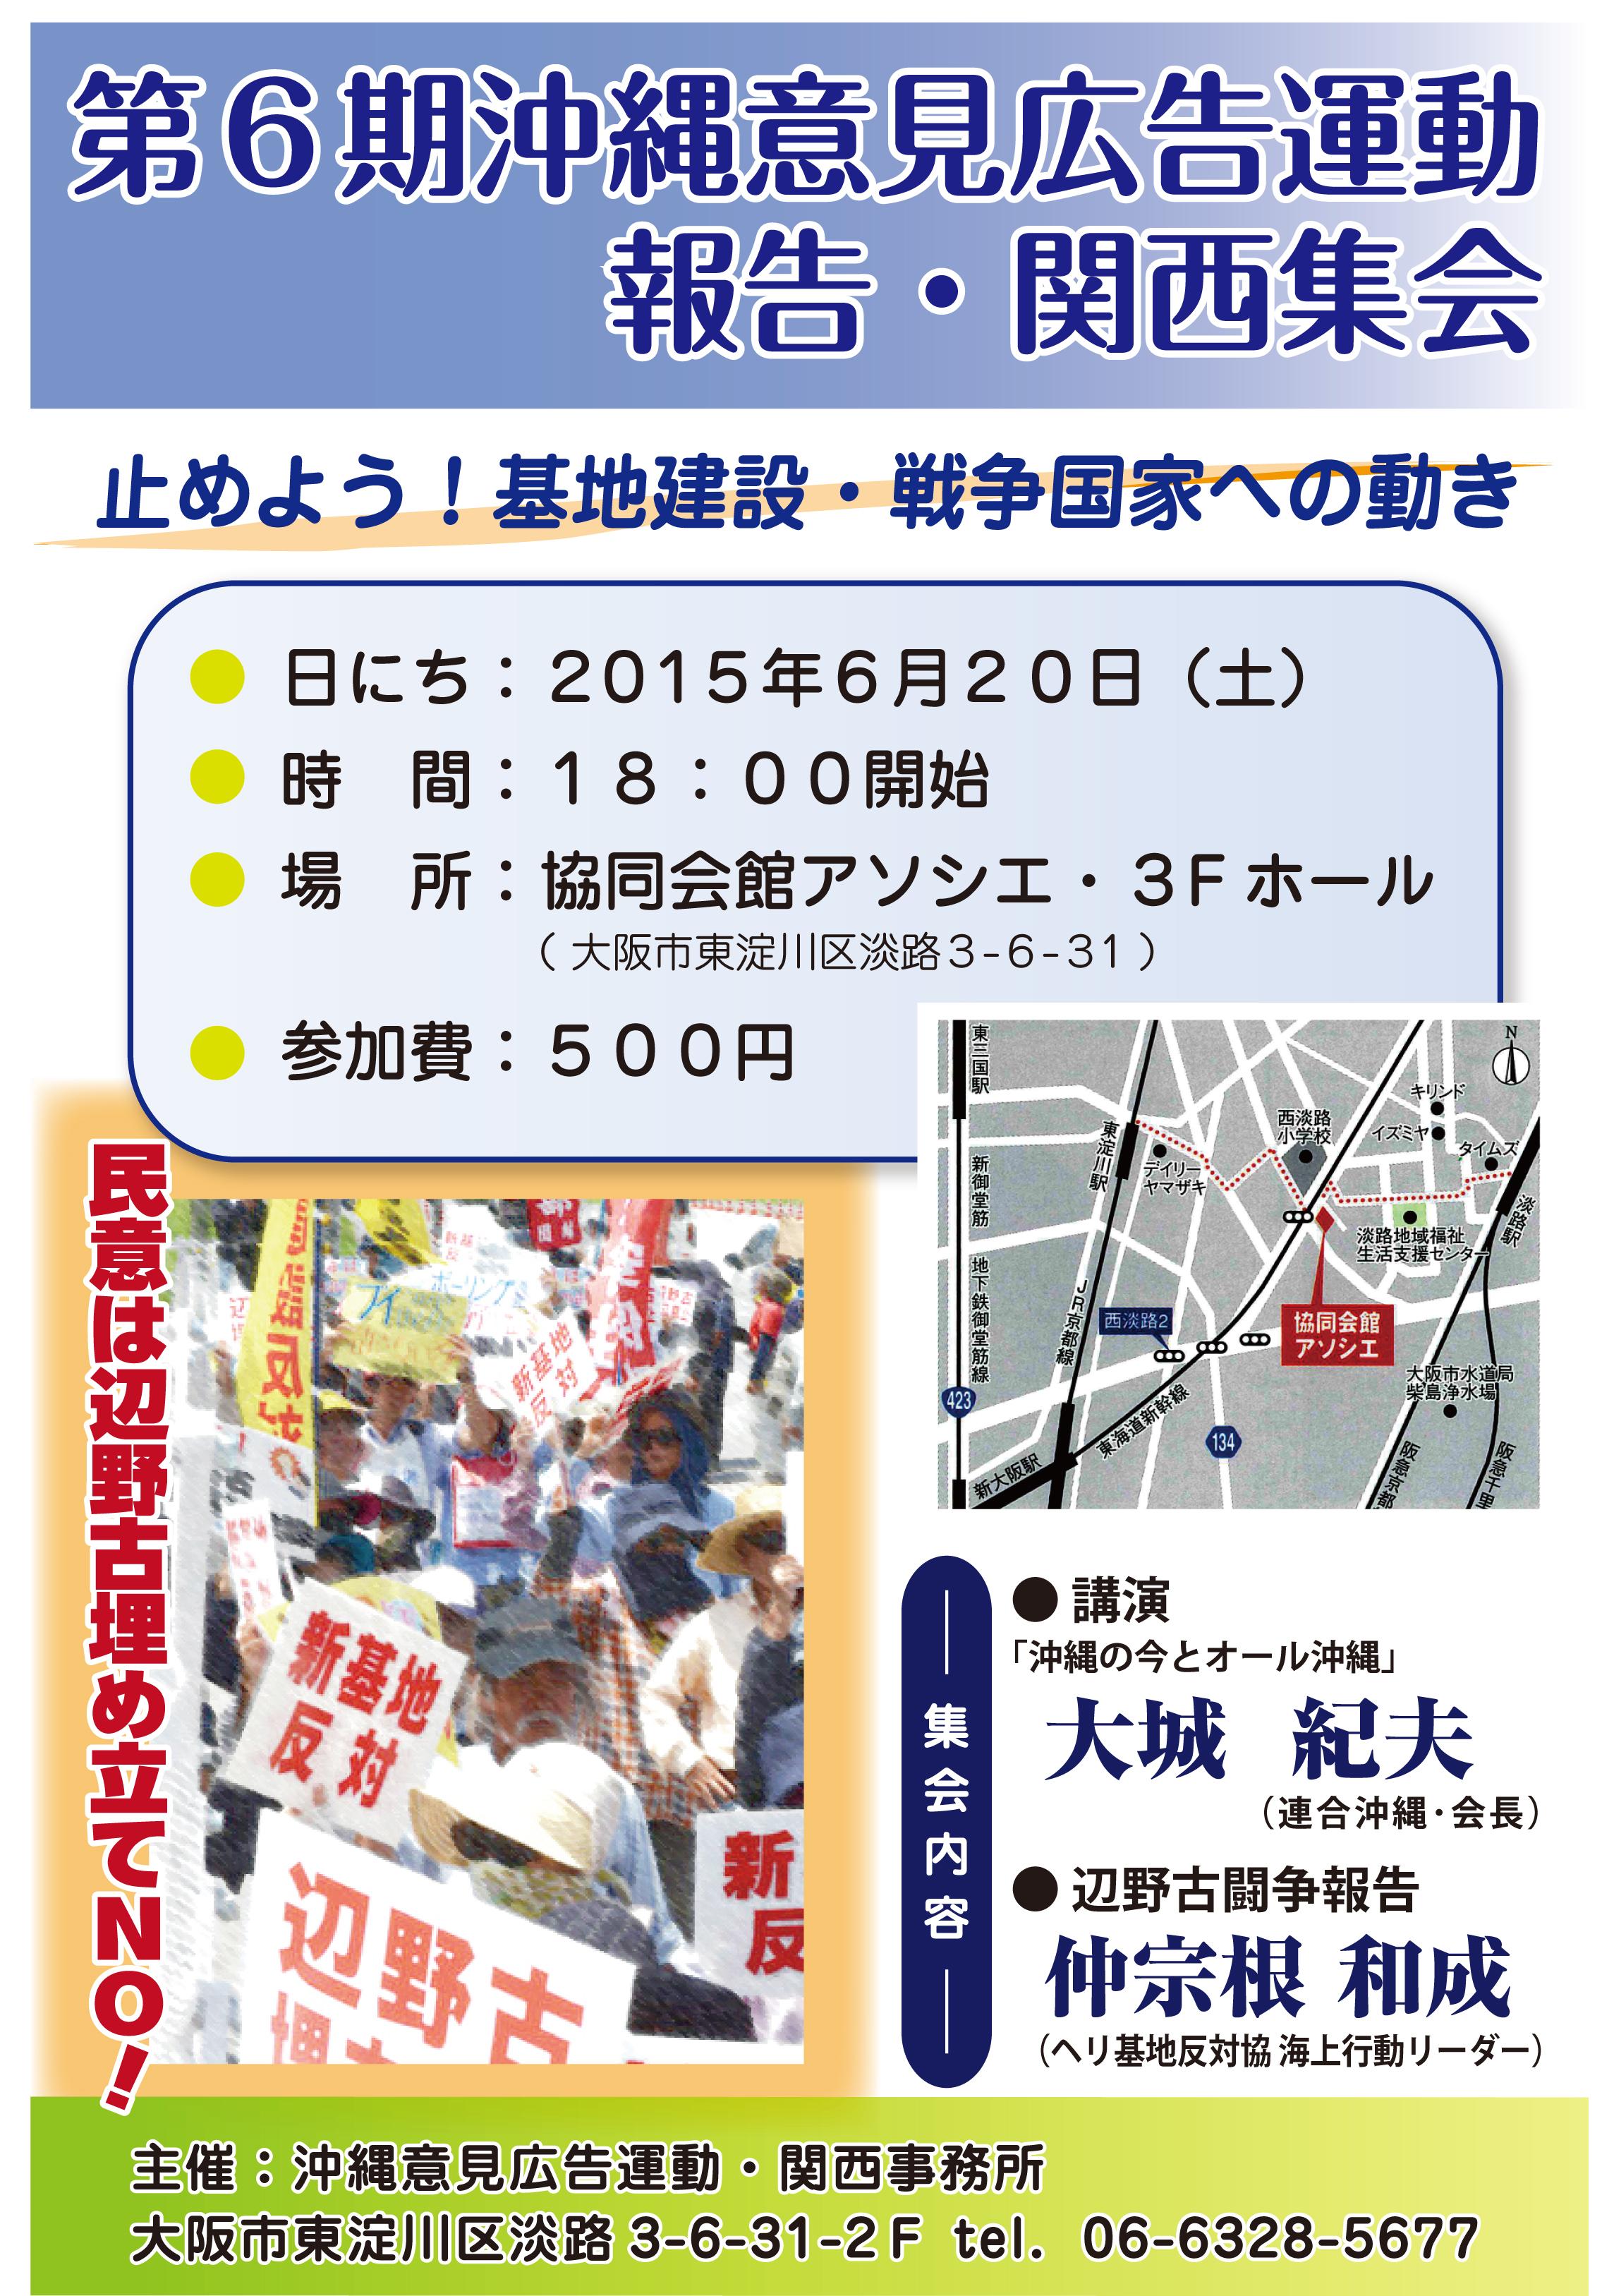 第6期沖縄意見広告運動報告・関西集会チラシ